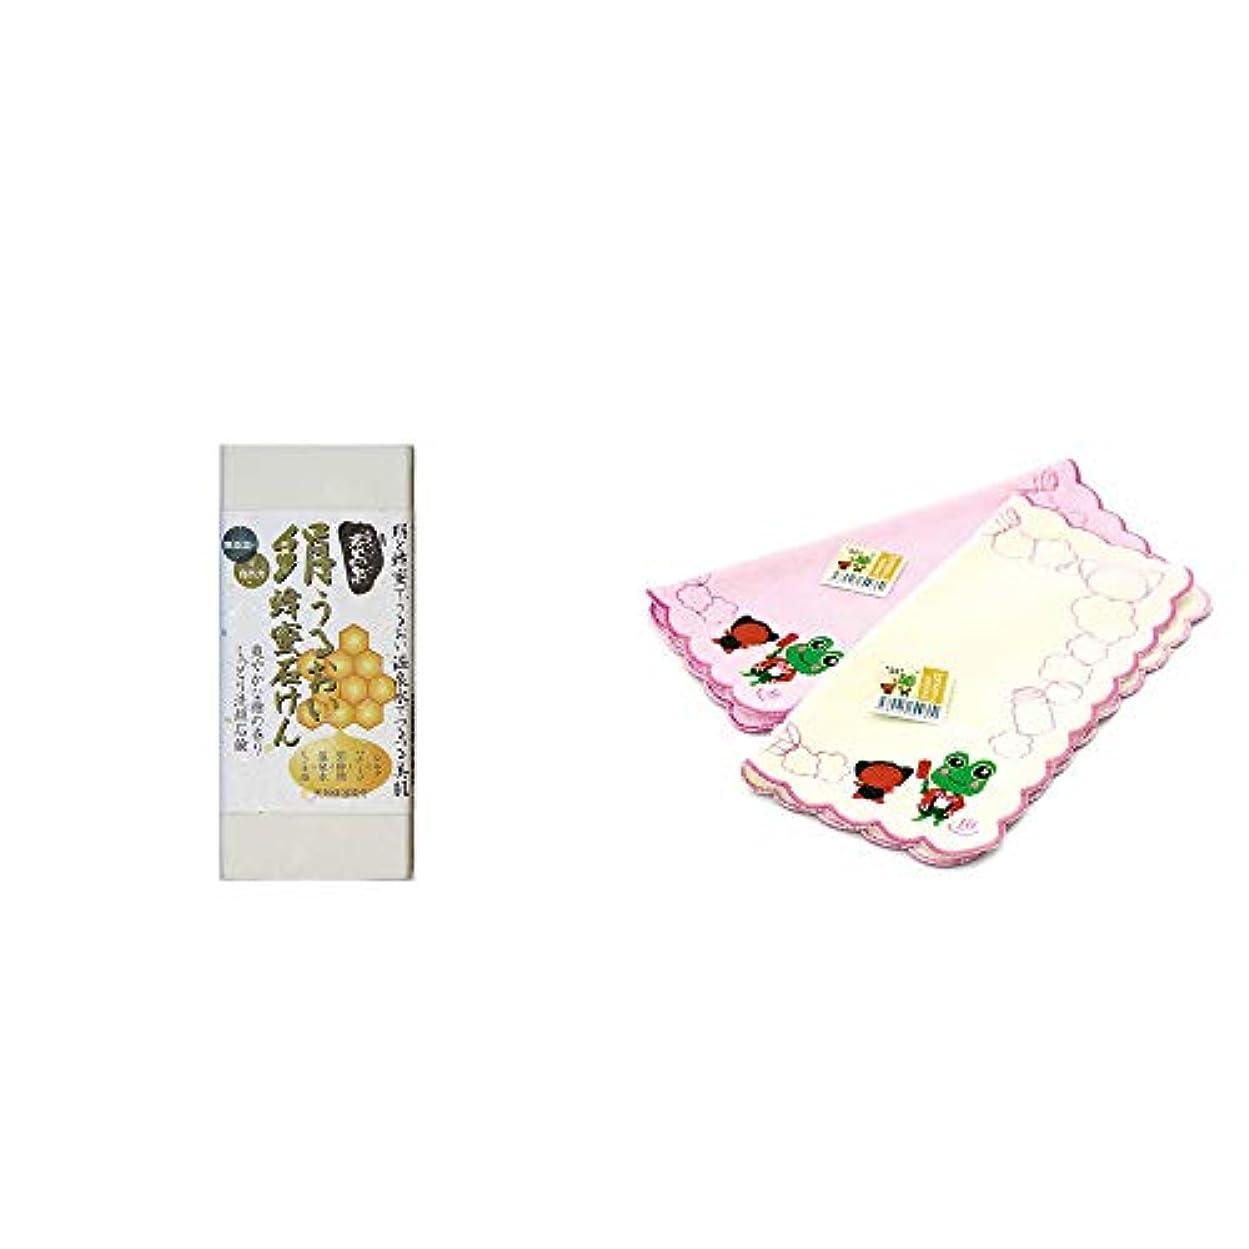 建てる傾向がある方法[2点セット] ひのき炭黒泉 絹うるおい蜂蜜石けん(75g×2)?下呂温泉限定 さるぼぼ&げろぐるくん ふわふわタオルハンカチ【ピンク】